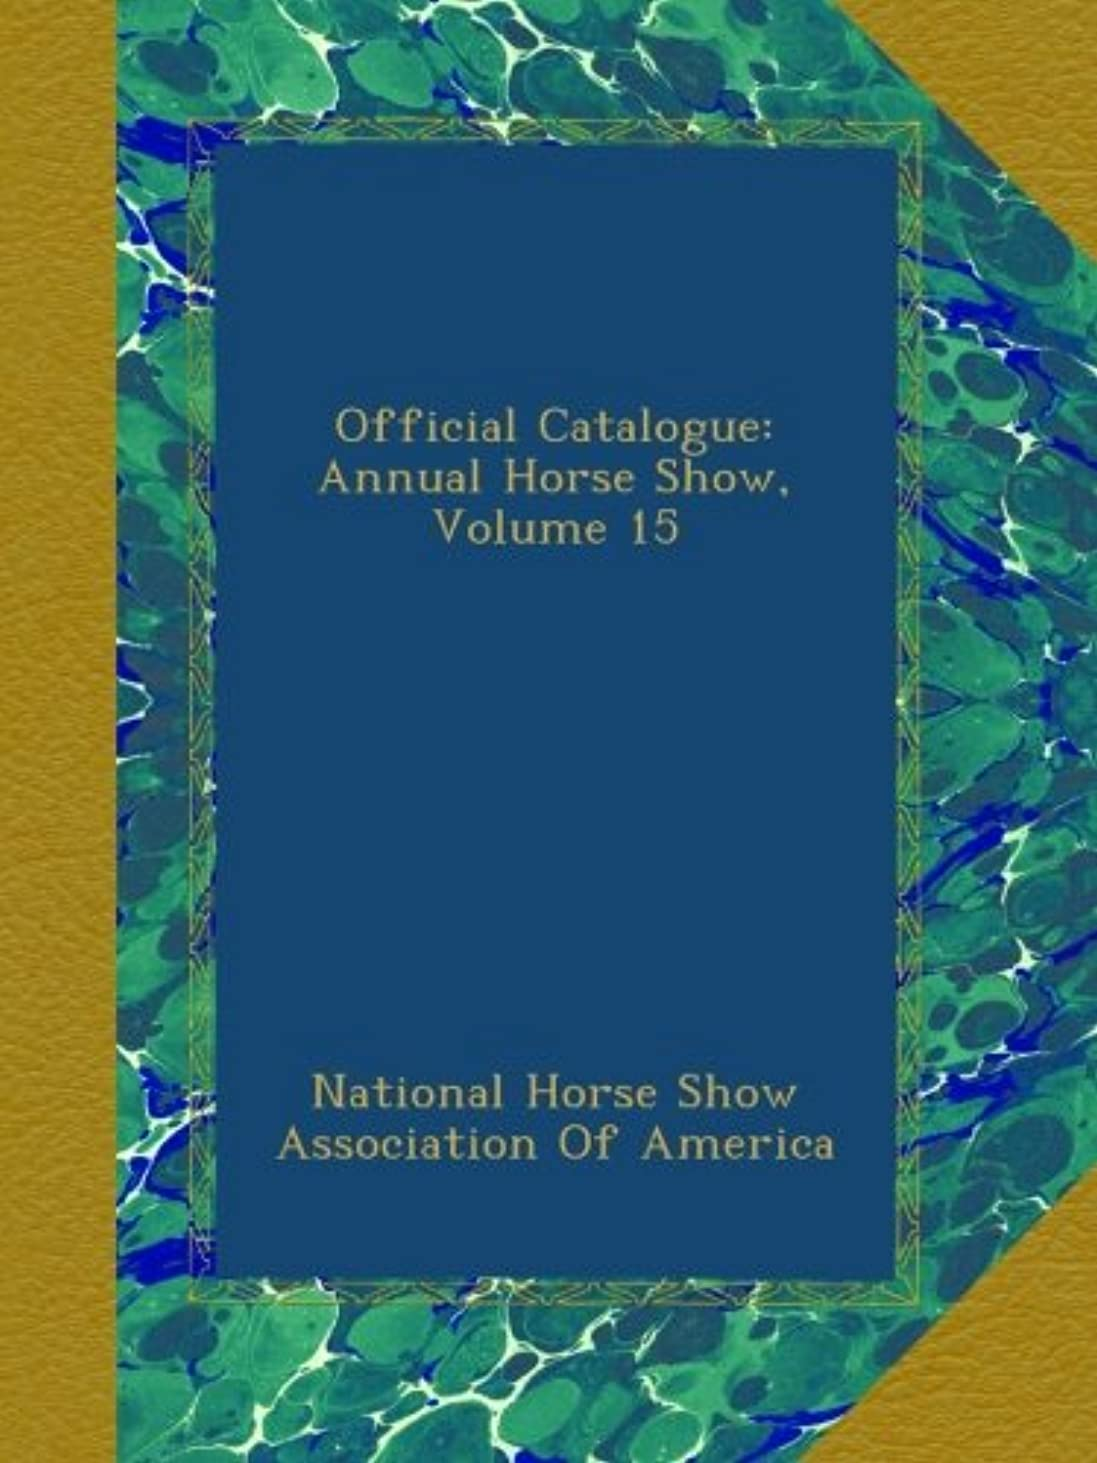 ハシー防腐剤麻酔薬Official Catalogue: Annual Horse Show, Volume 15